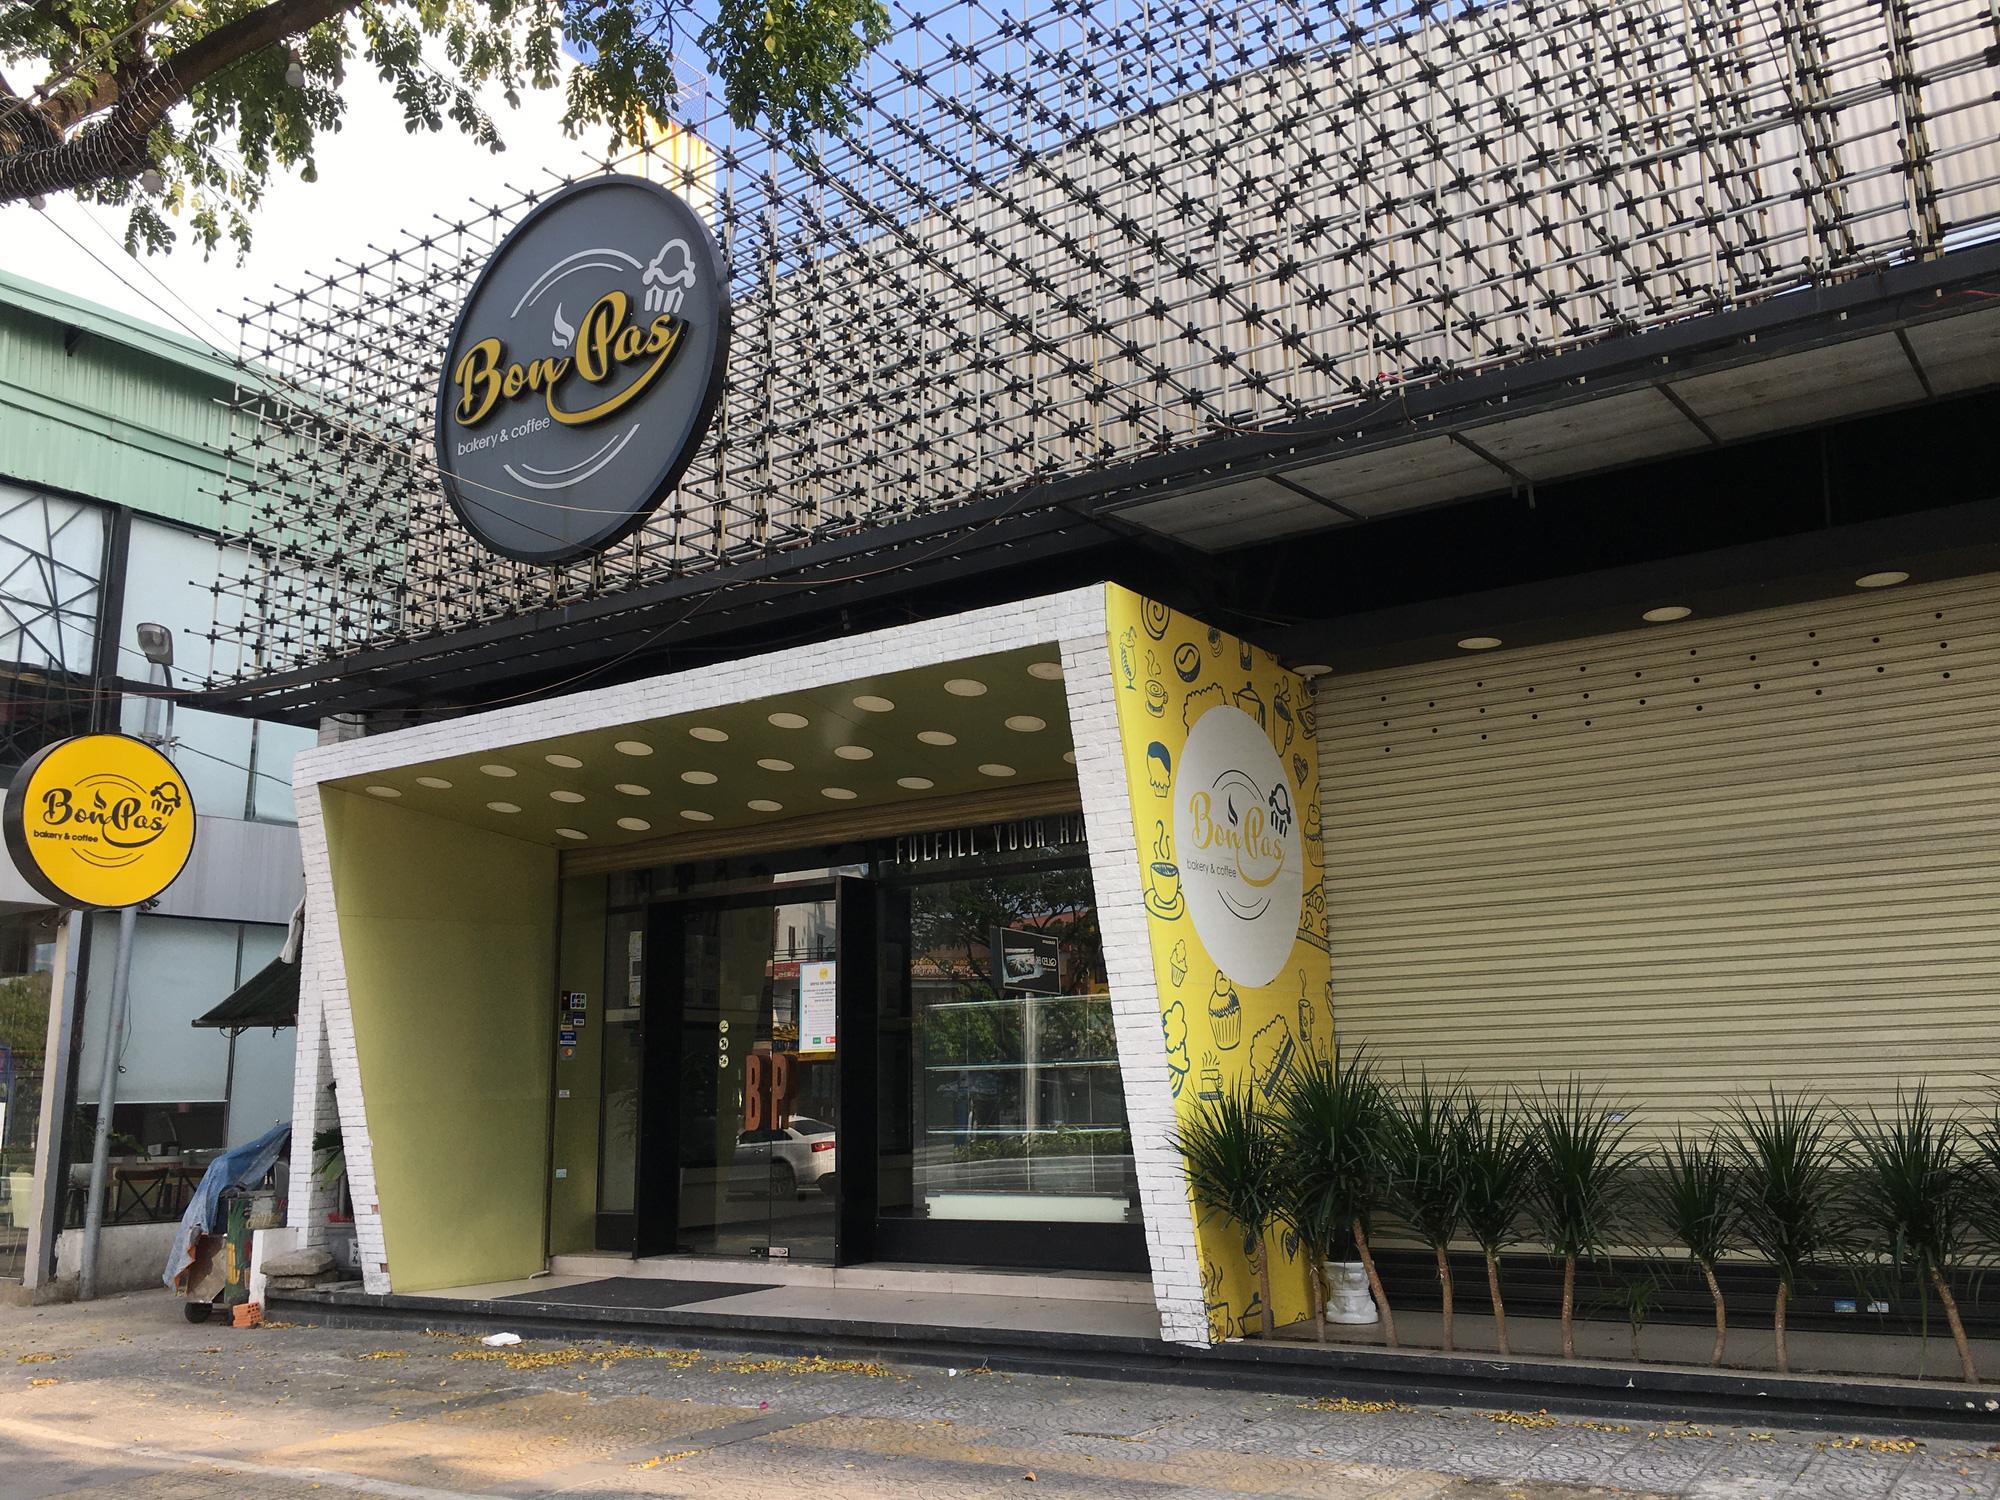 Từ quán cà phê, bánh ngọt đến trà sữa ở Đà Nẵng dừng luôn việc bán online, mang đi khi chính quyền cấm - Ảnh 4.